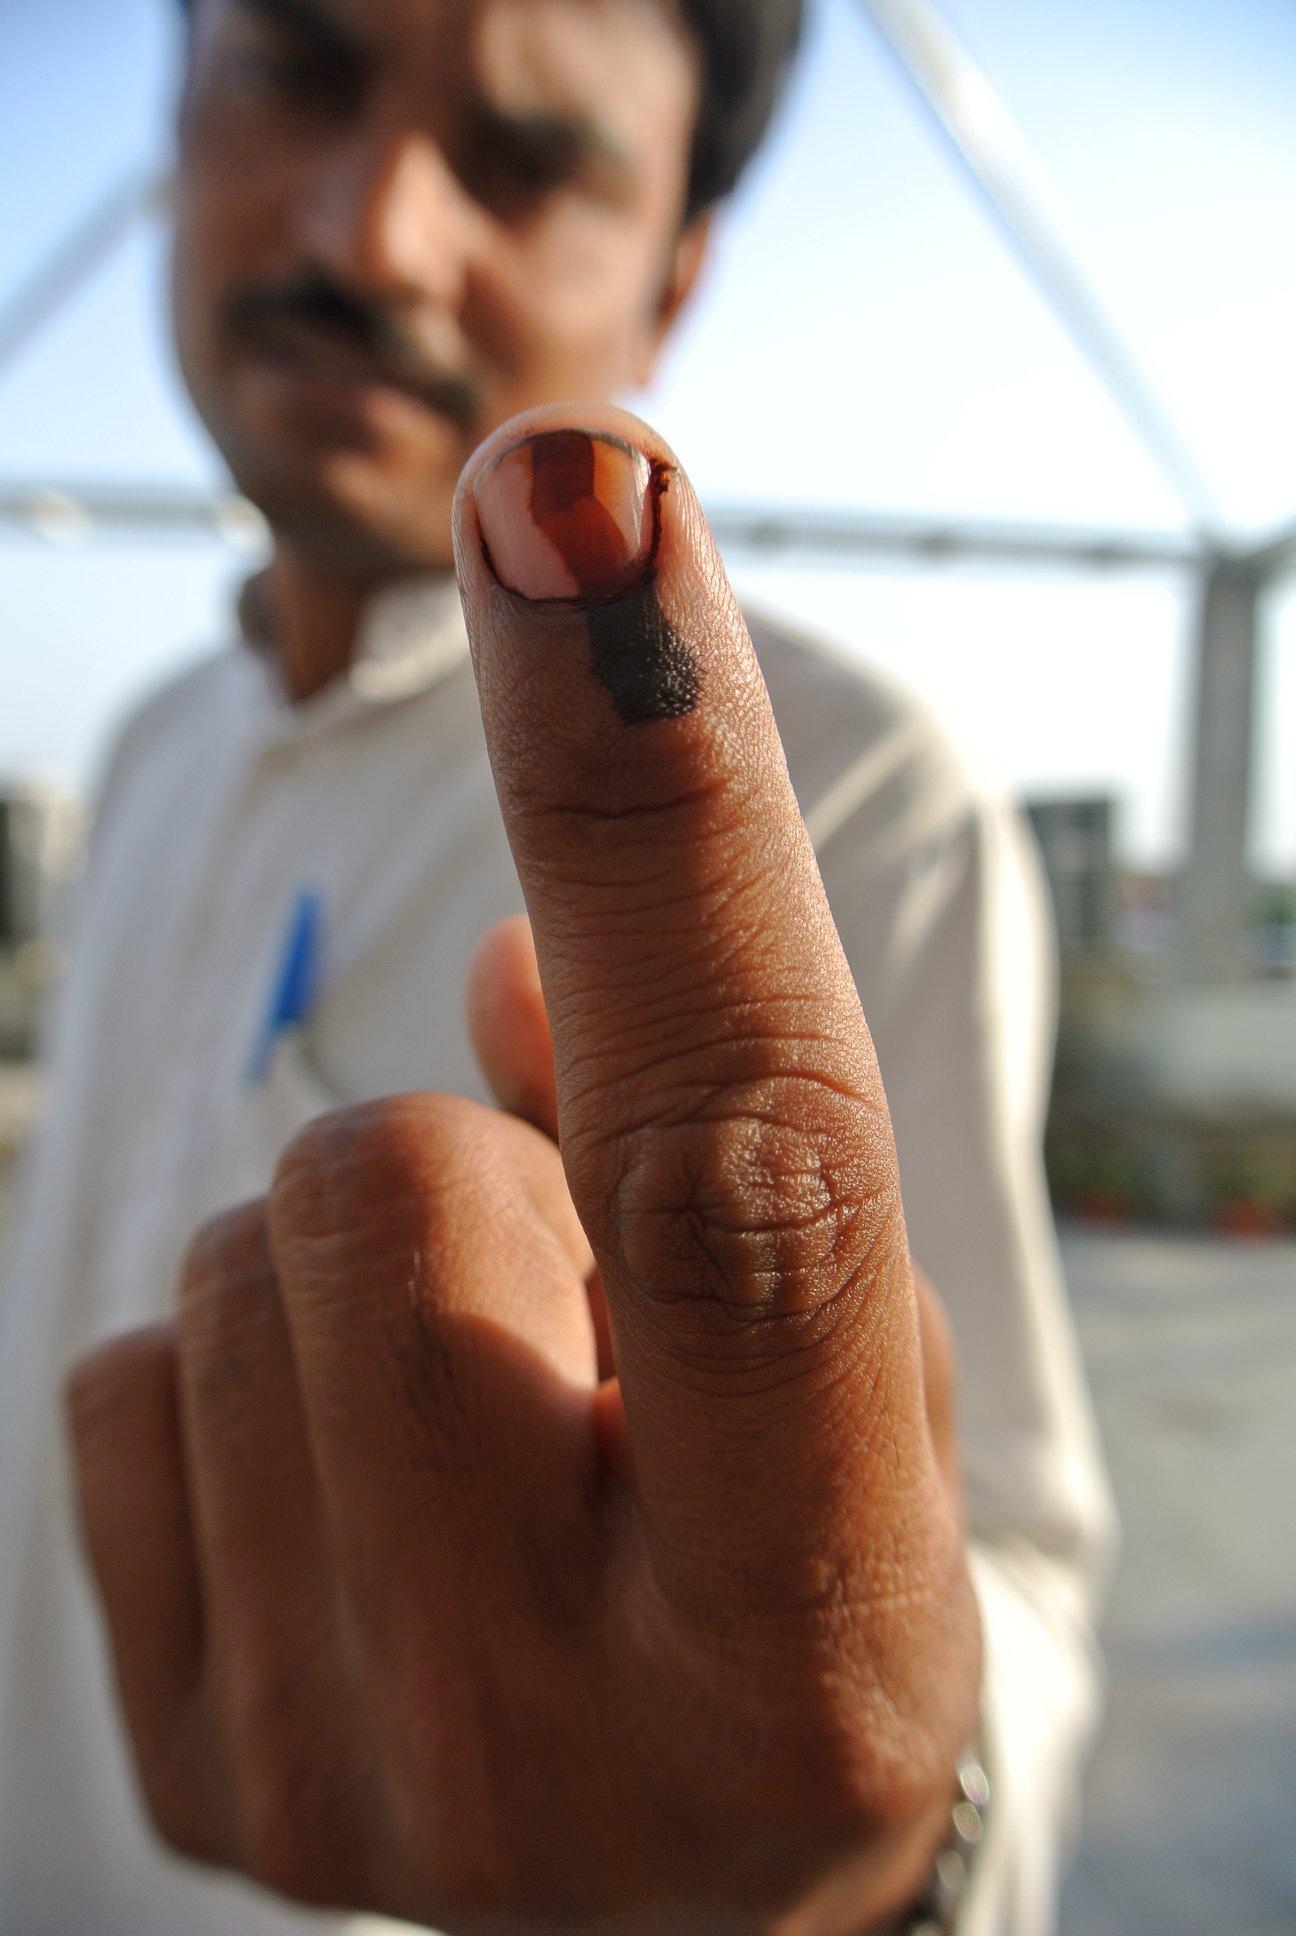 インドの豆知識、指先のラインは投票のマーク